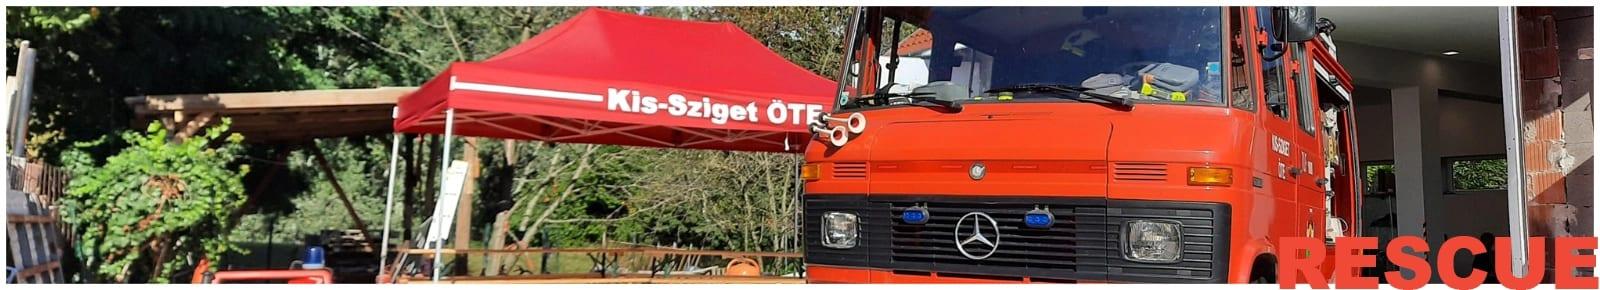 rescue sos Rettungszelt Quarantäne Zelte Feuerwehr fire service